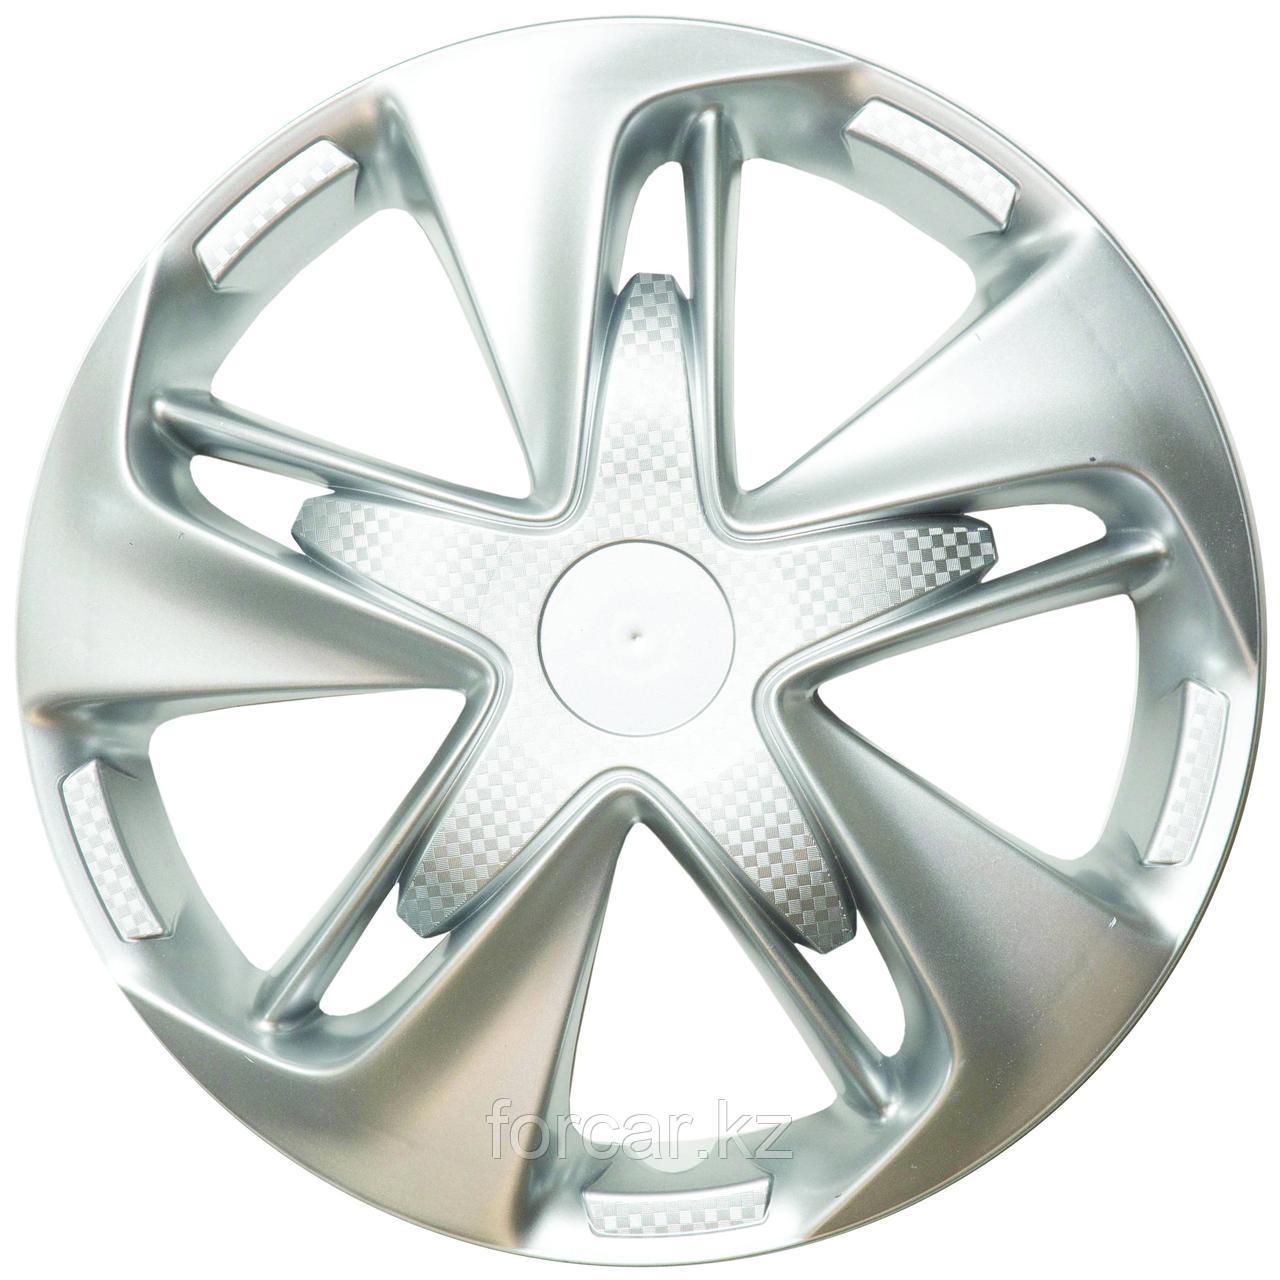 Колпак колесный LION Супер Астра 14 серебристый  карбон (4 шт.)